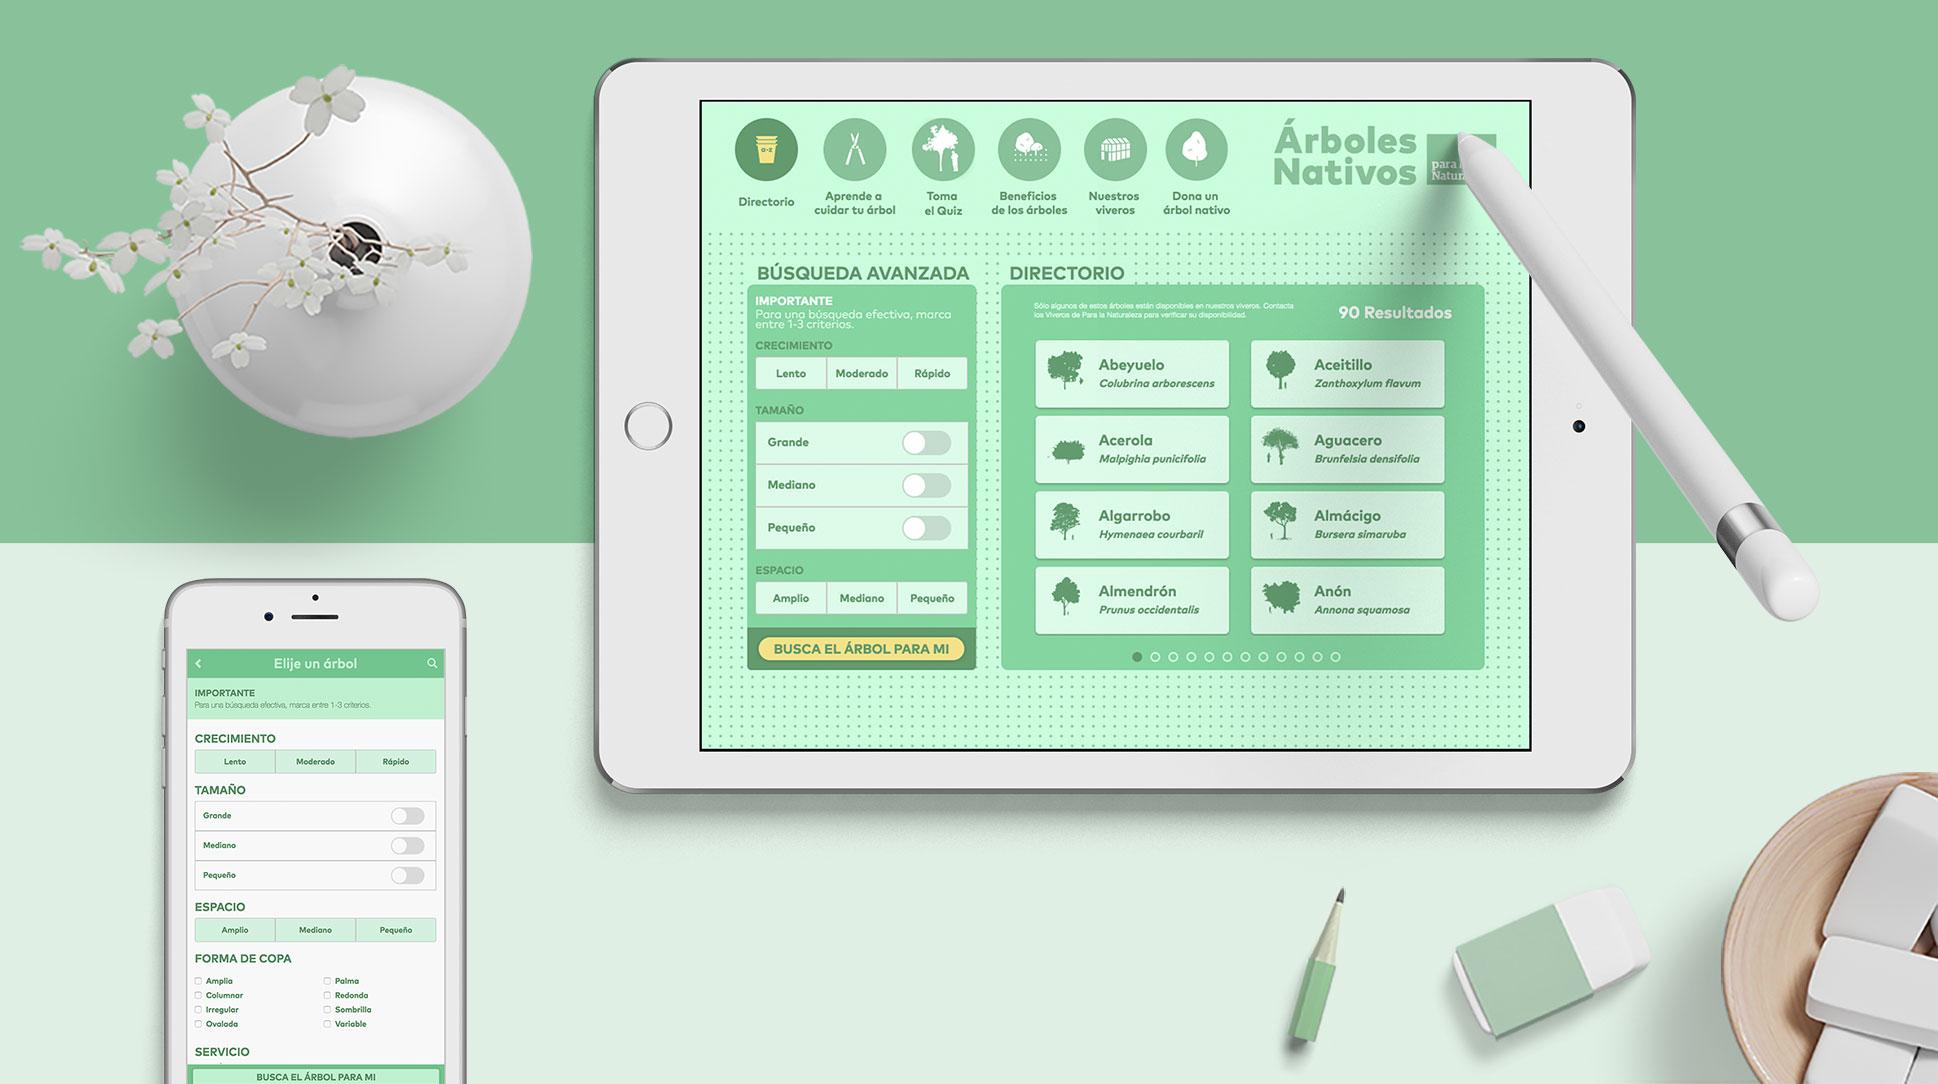 Creación de una Web App con alto diseño en Arboles nativos